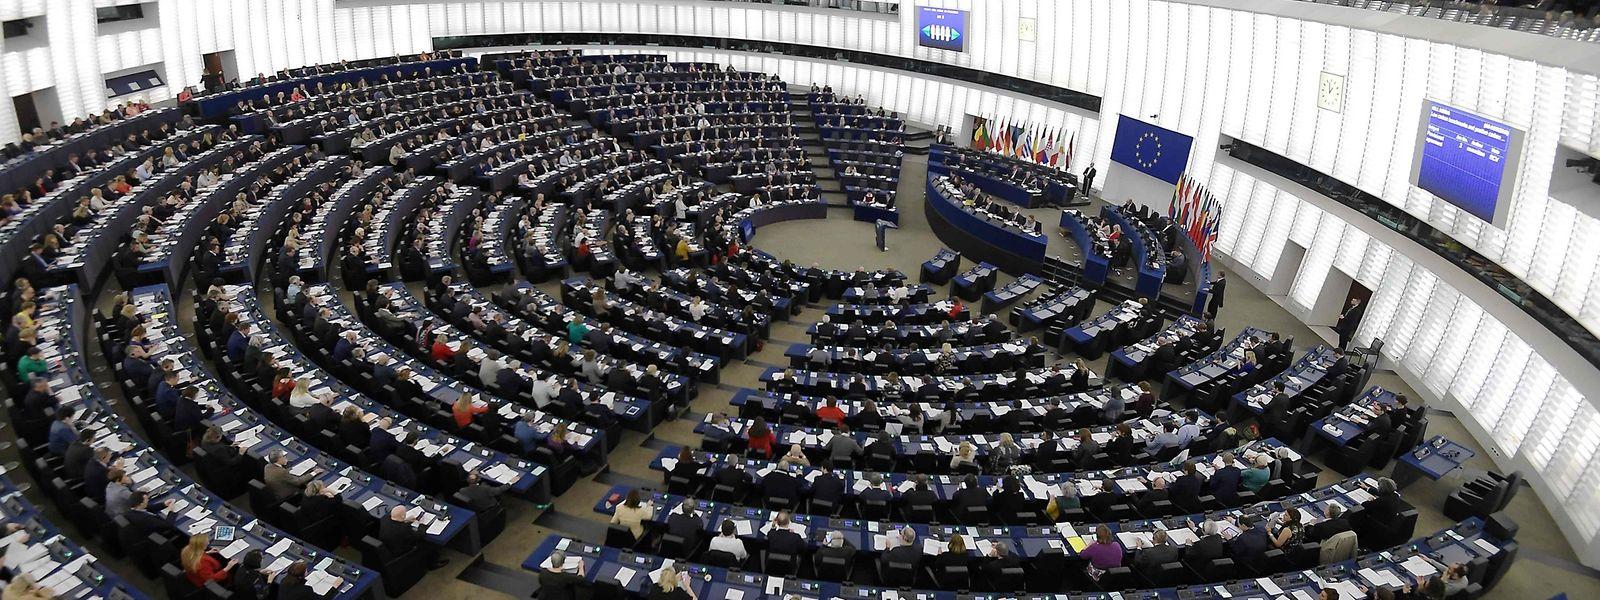 Ende Mai werden sie Sitzplätze im EU-Parlament neu verteilt.